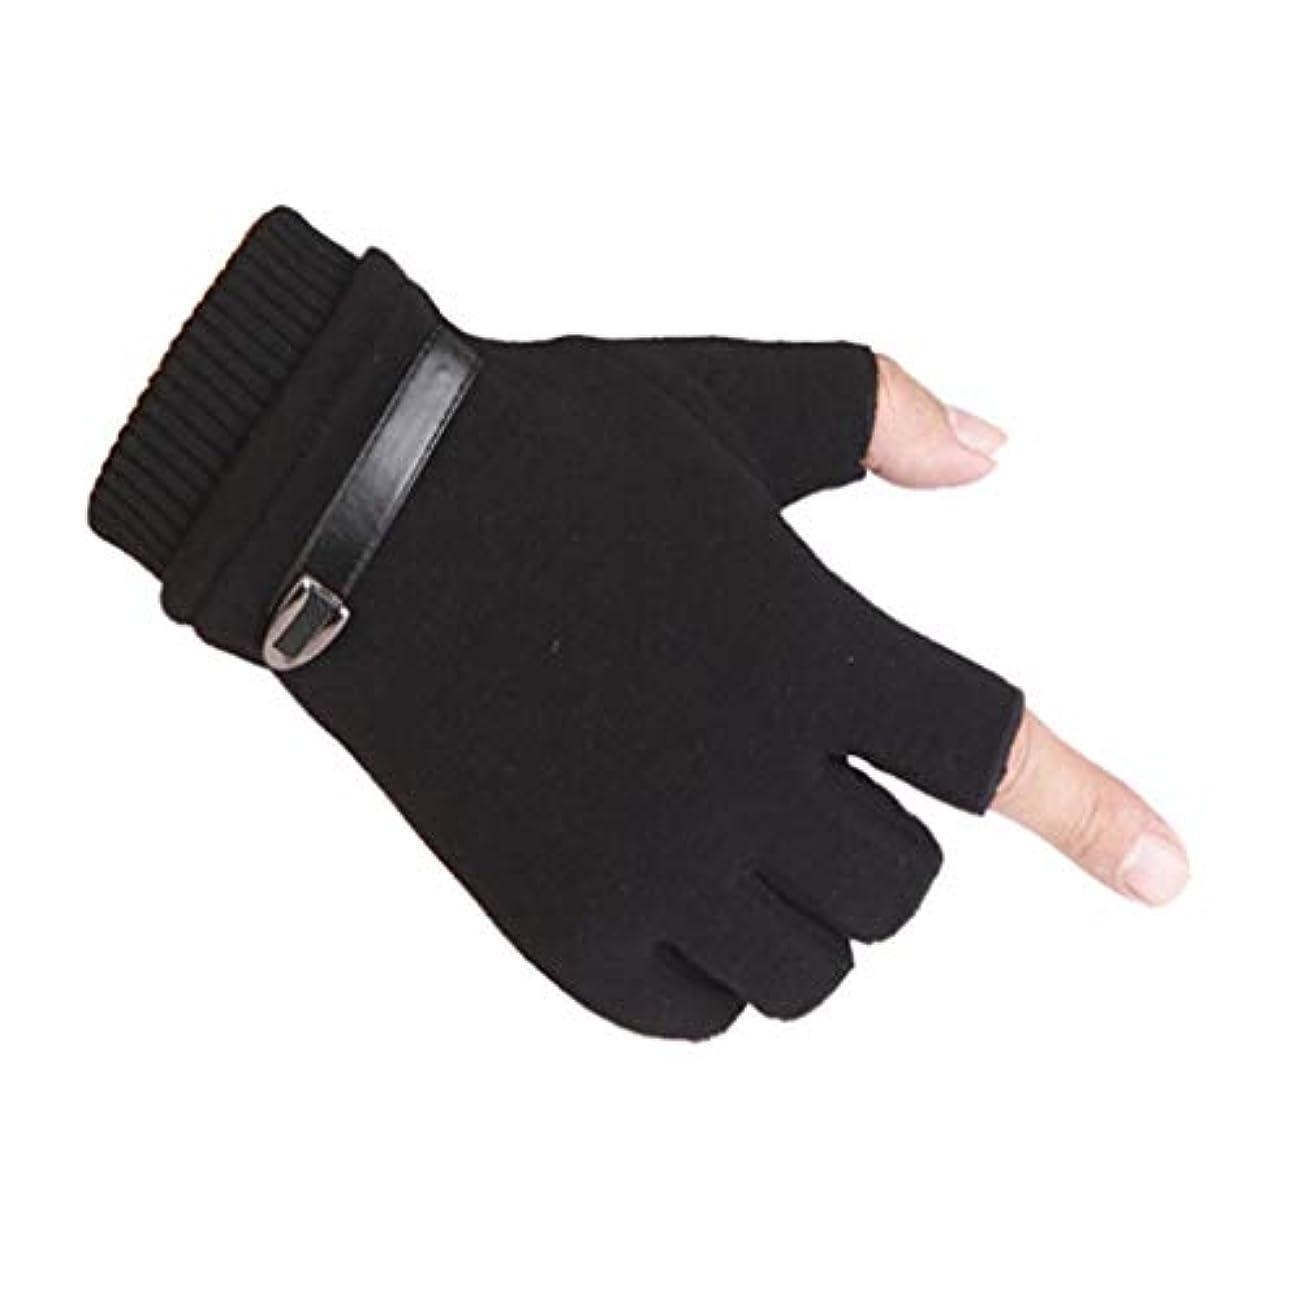 習字虚偽充電秋と冬プラスベルベット肥厚ハーフフィンガー手袋男性と女性ベルベット生徒は指を離してカップルの手袋黒の男性モデルに乗ってコンピュータタイピングを書くことではない